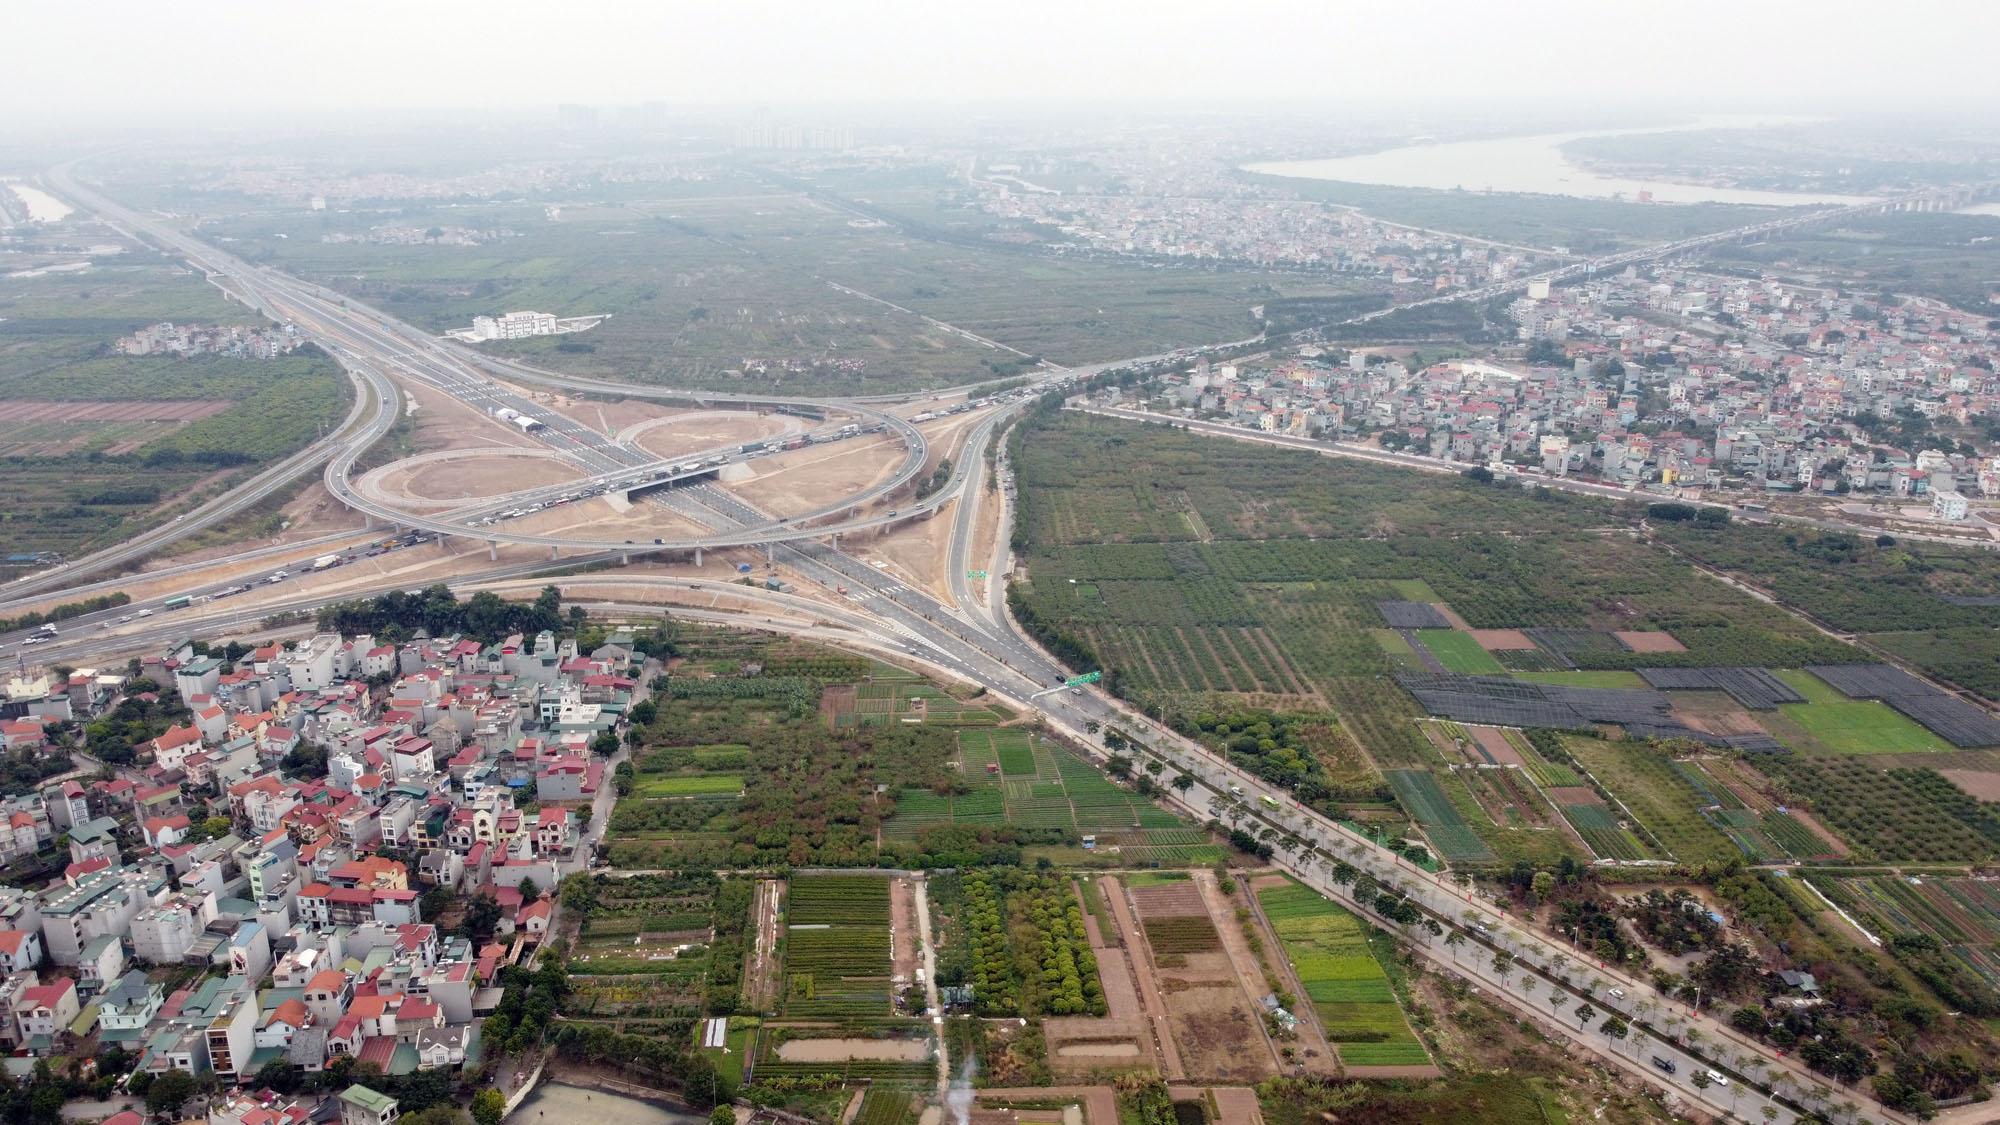 Cận cảnh nút giao đường Vành đai 3 với cao tốc Hà Nội - Hải Phòng trị giá 400 tỷ đồng - Ảnh 1.